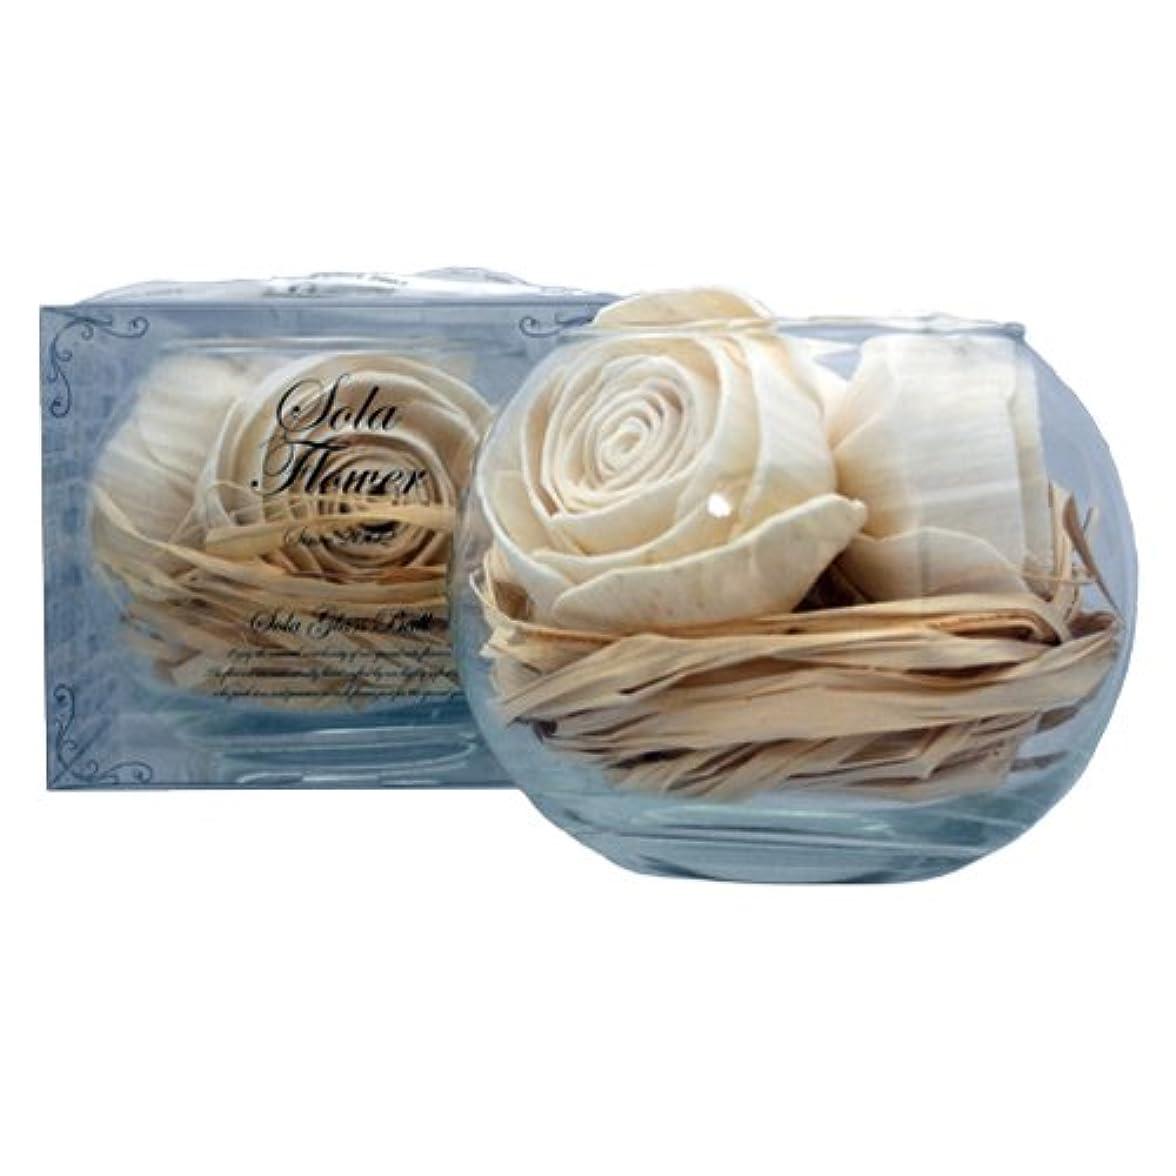 レンダーかどうかバリケードnew Sola Flower ソラフラワー グラスボウル Original Rose オリジナルローズ Glass Bowl